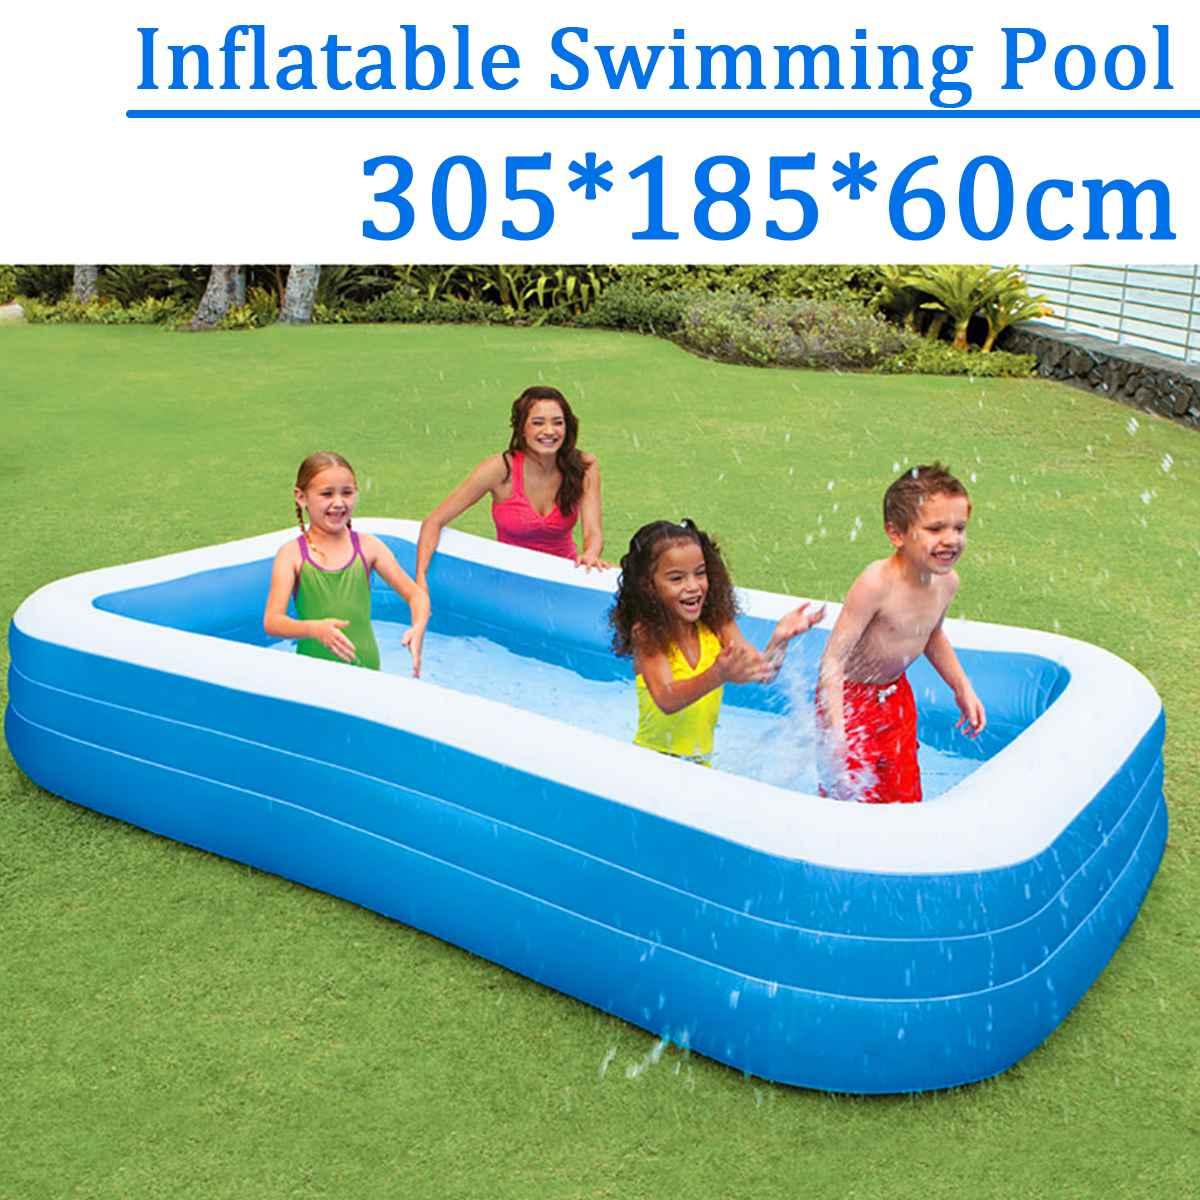 305x185x60 см детский дом применение детский бассейн большой размеры надувные квадратный бассейн сохранение тепла детский надувной бассейн